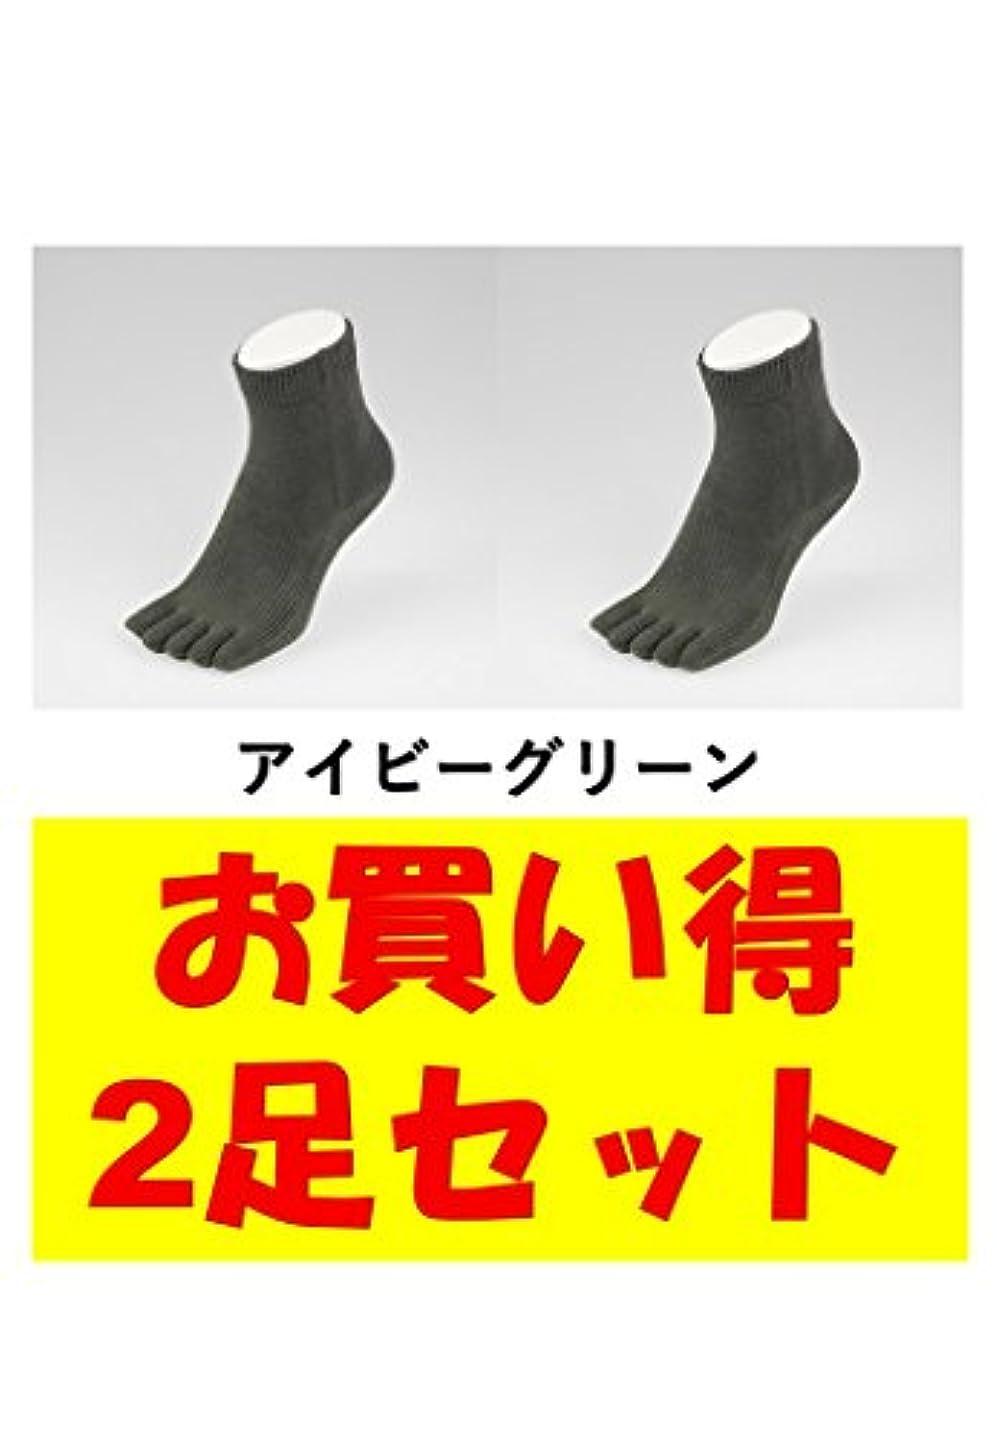 服を着るジャンクゴムお買い得2足セット 5本指 ゆびのばソックス Neo EVE(イヴ) アイビーグリーン Sサイズ(21.0cm - 24.0cm) YSNEVE-IGR